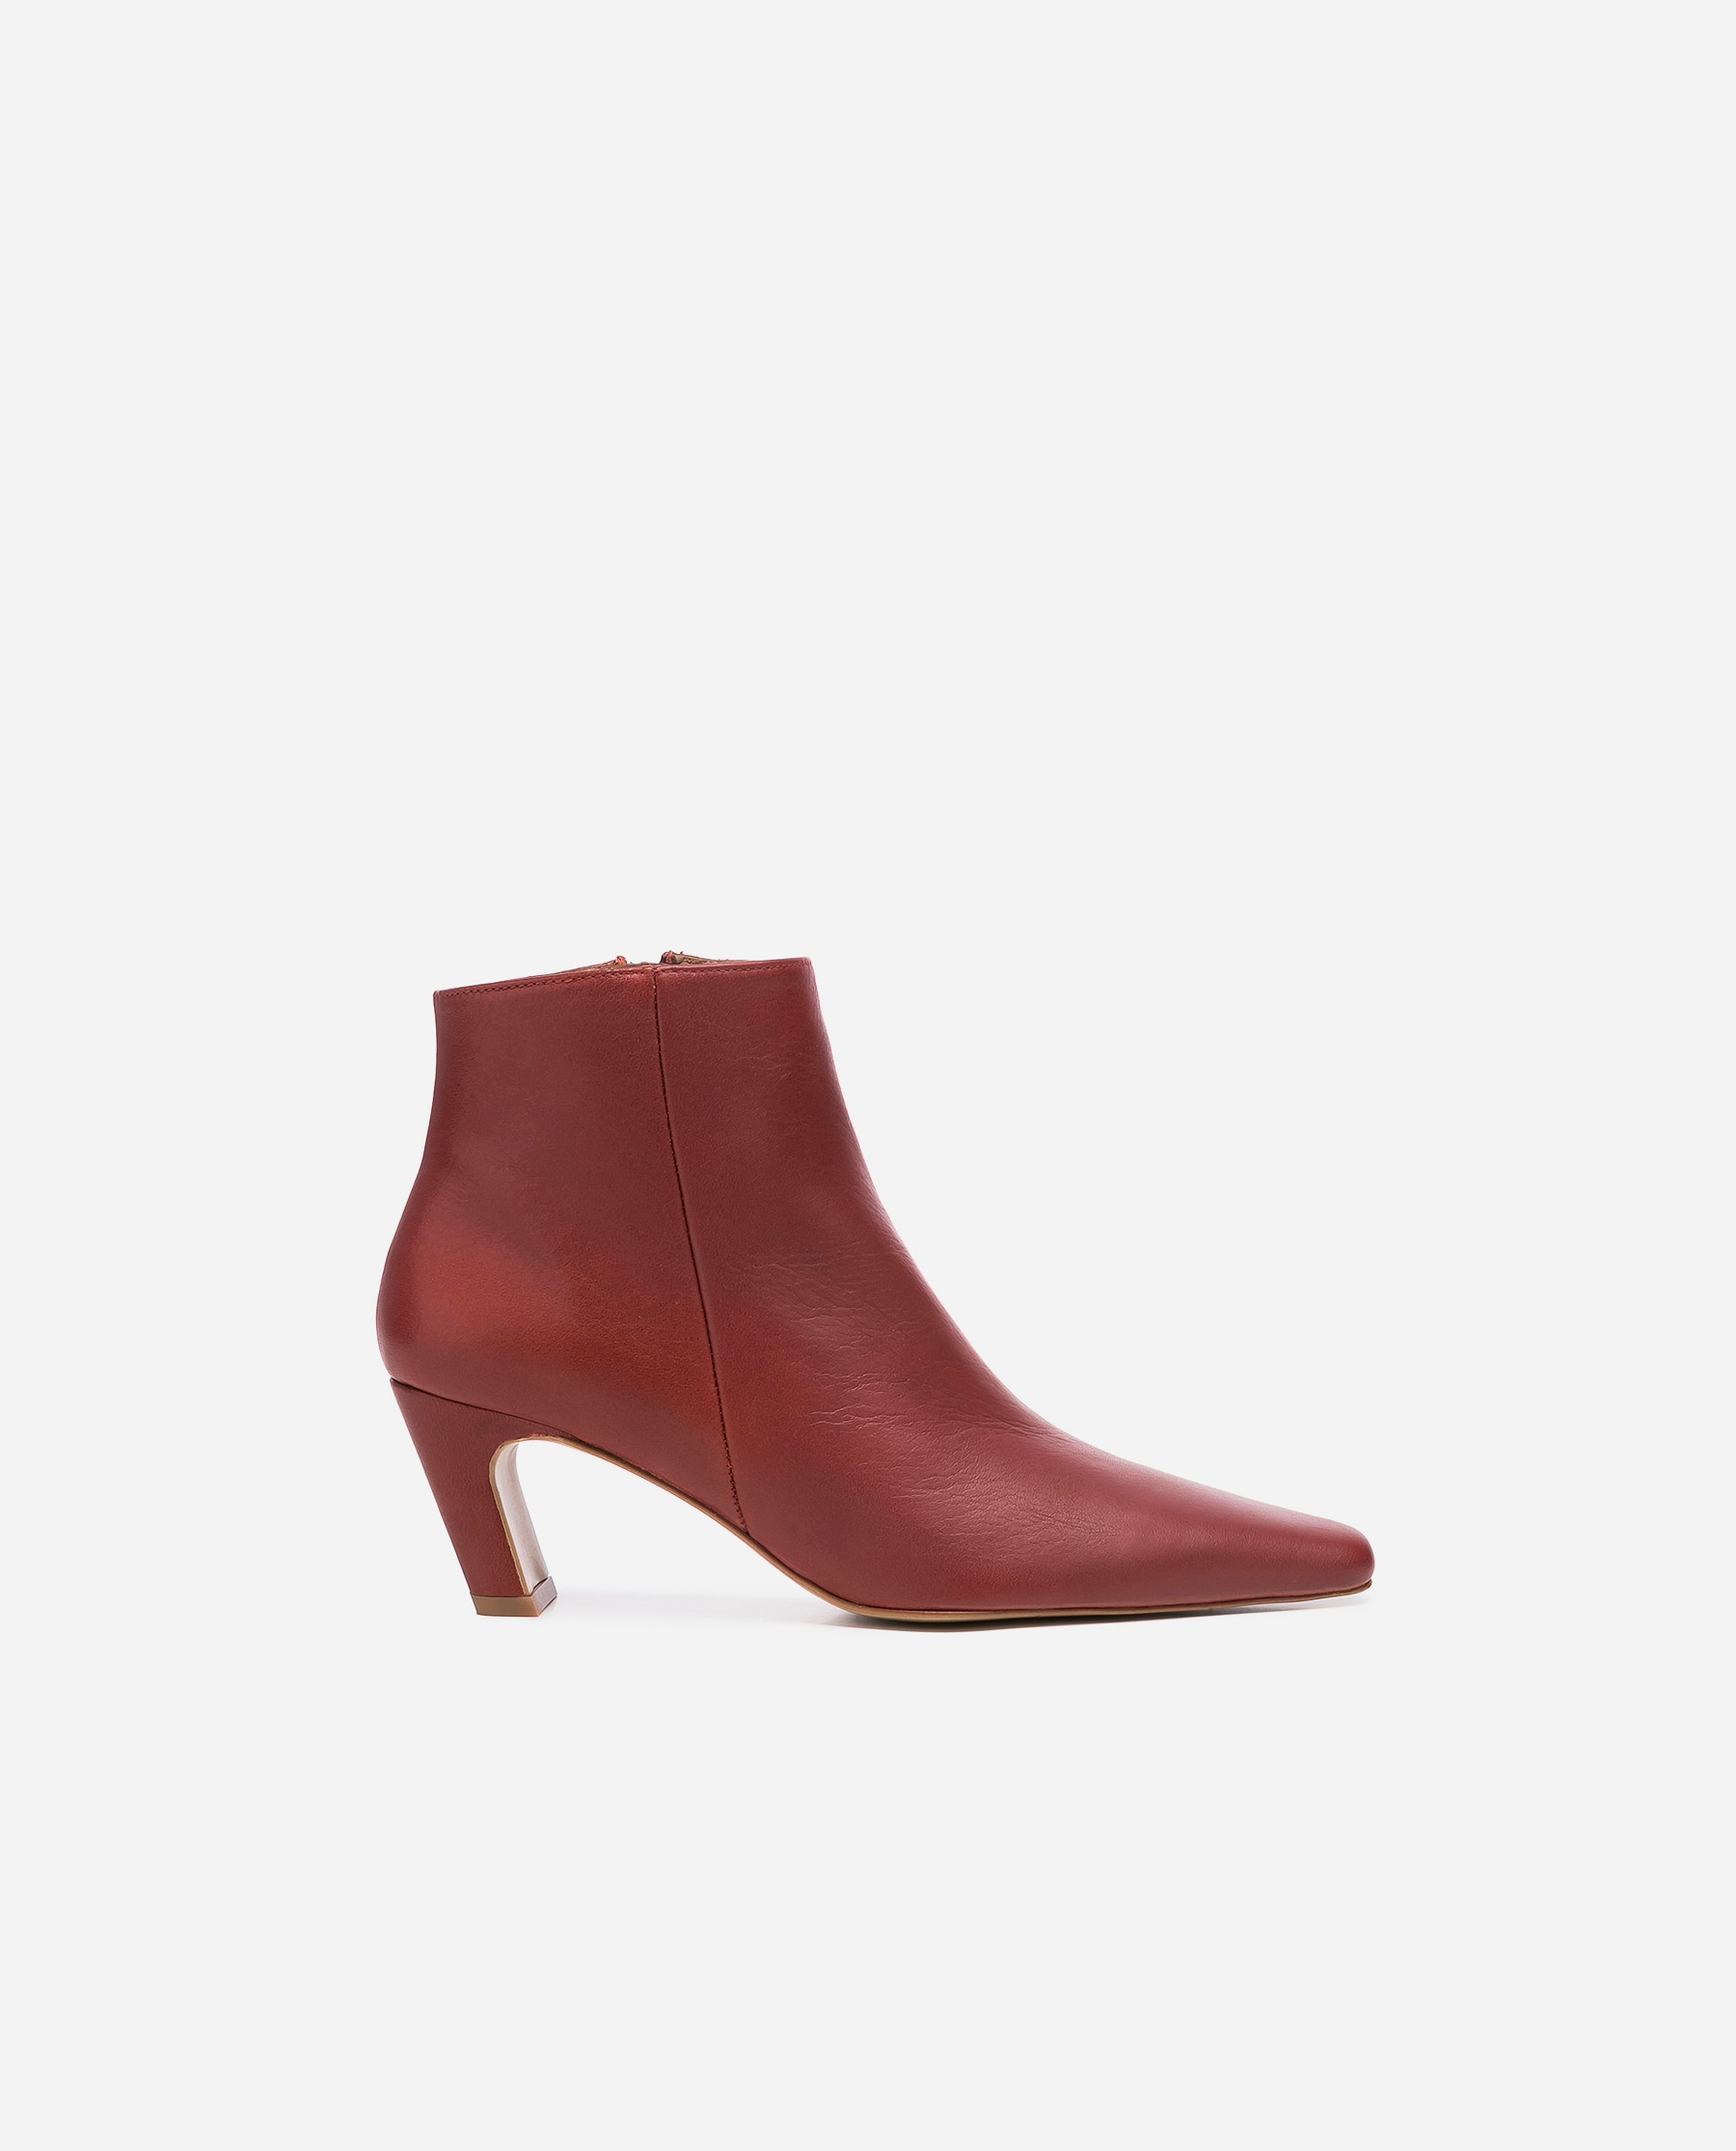 Xenia Brick Red